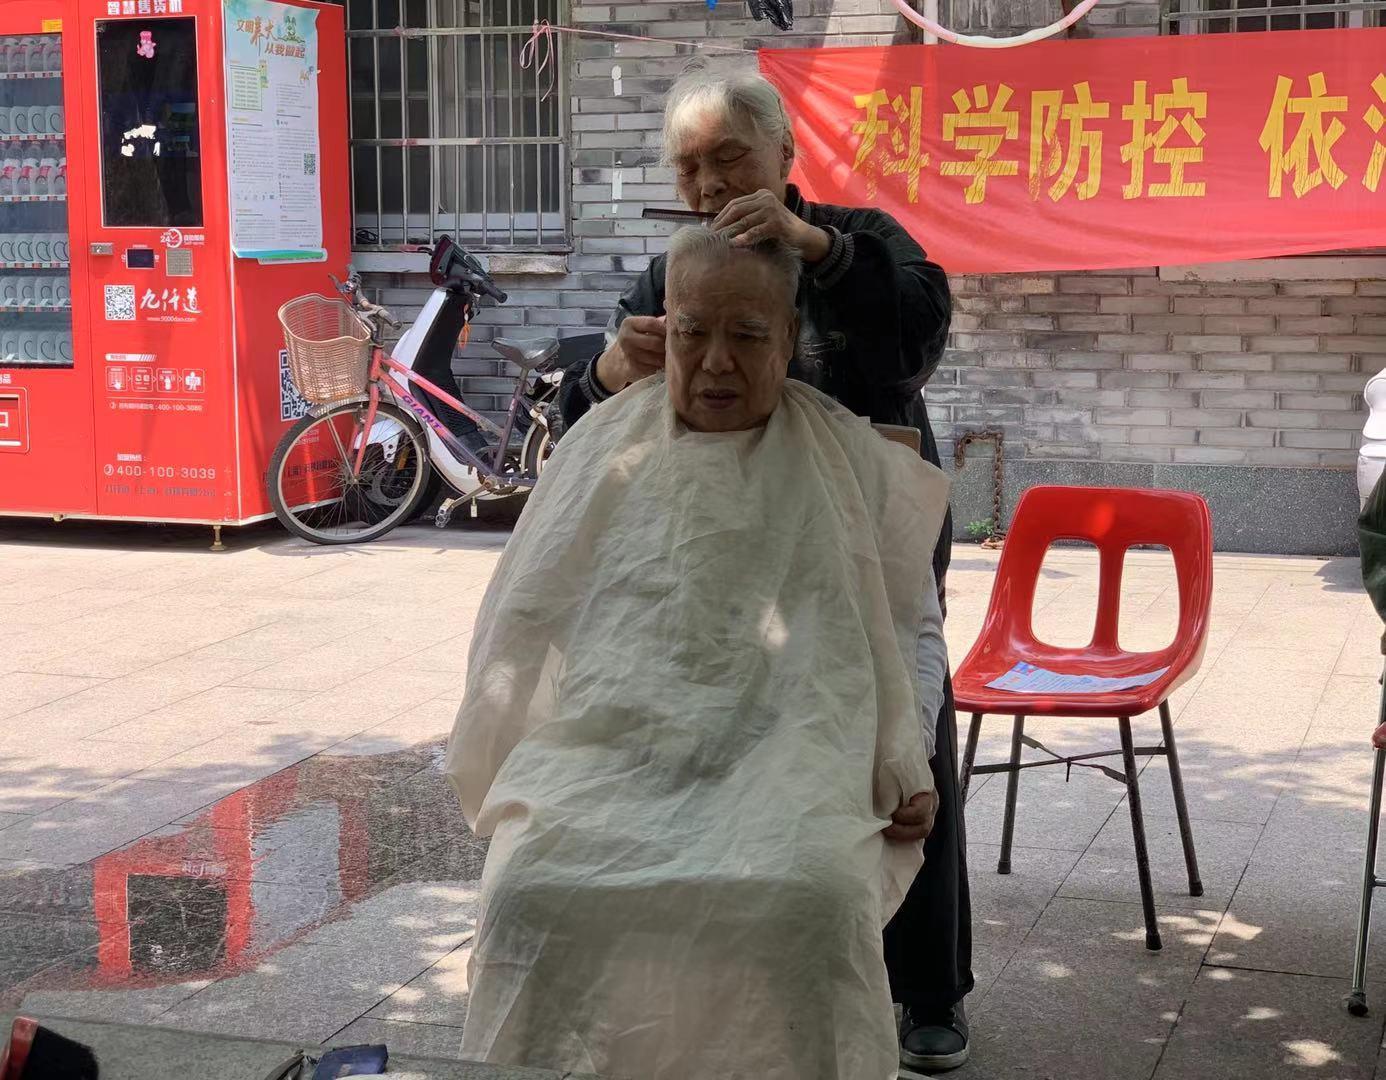 暖闻 理发师退休后服务社区老人,收费2元30年未涨